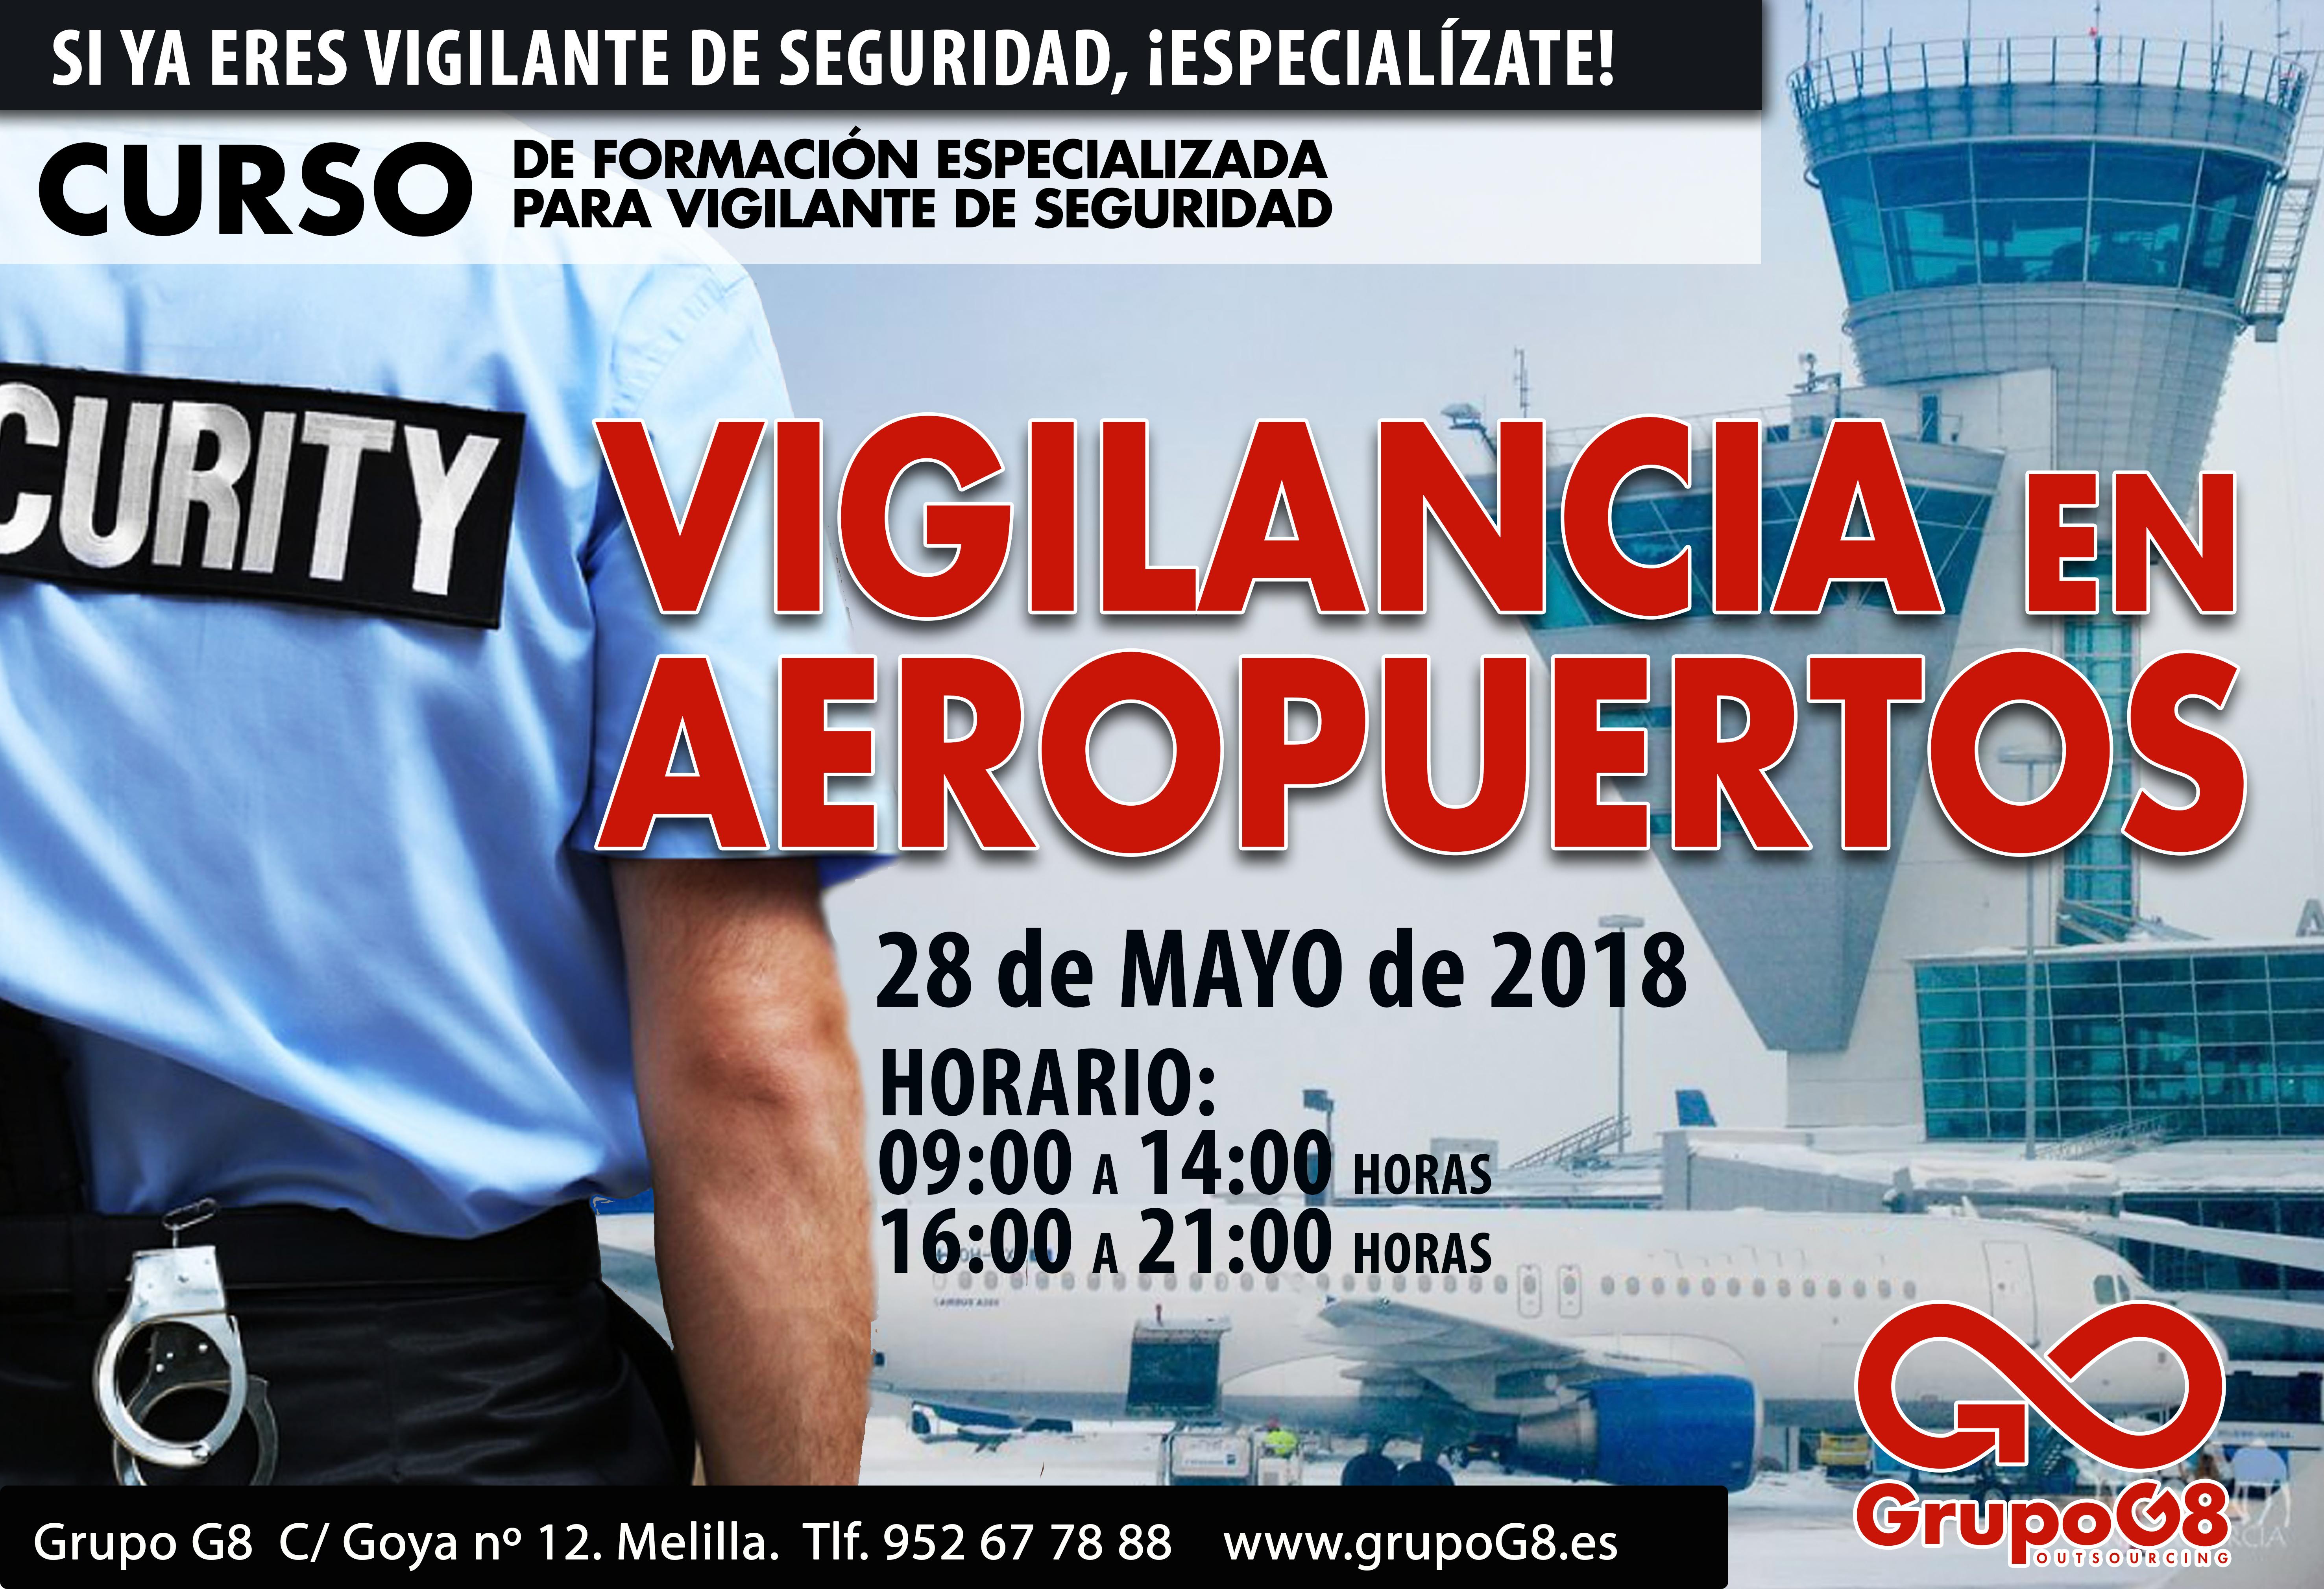 FEVS Servicio de Vigilancia en aeropuertos